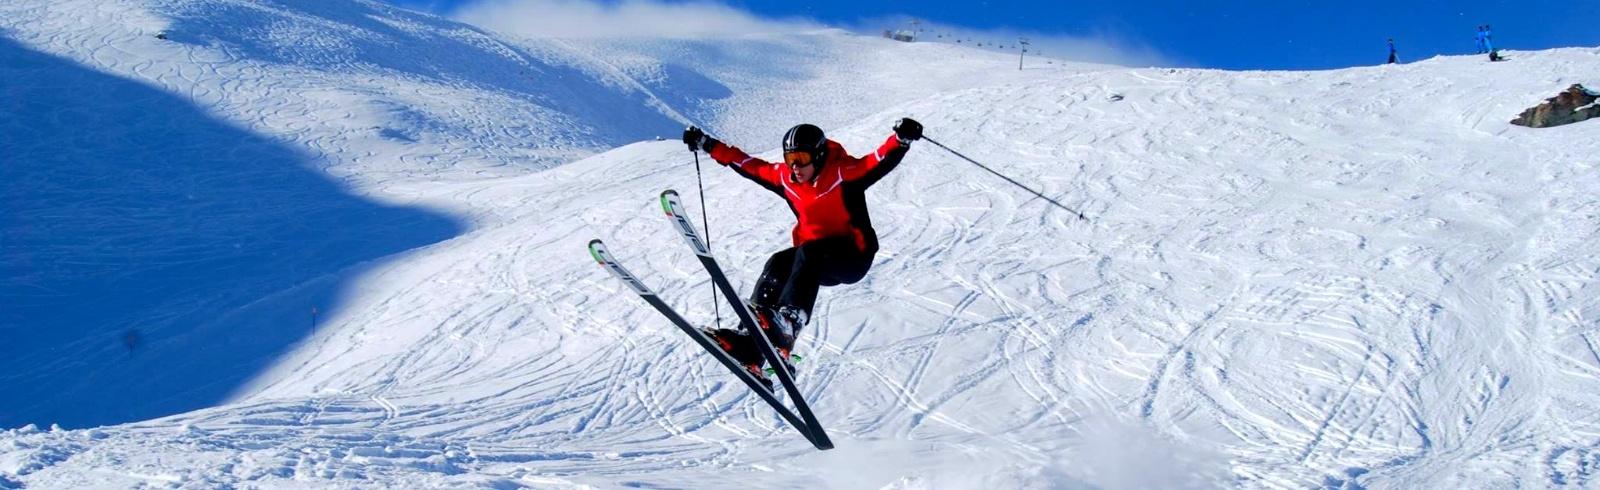 boarding school ski week